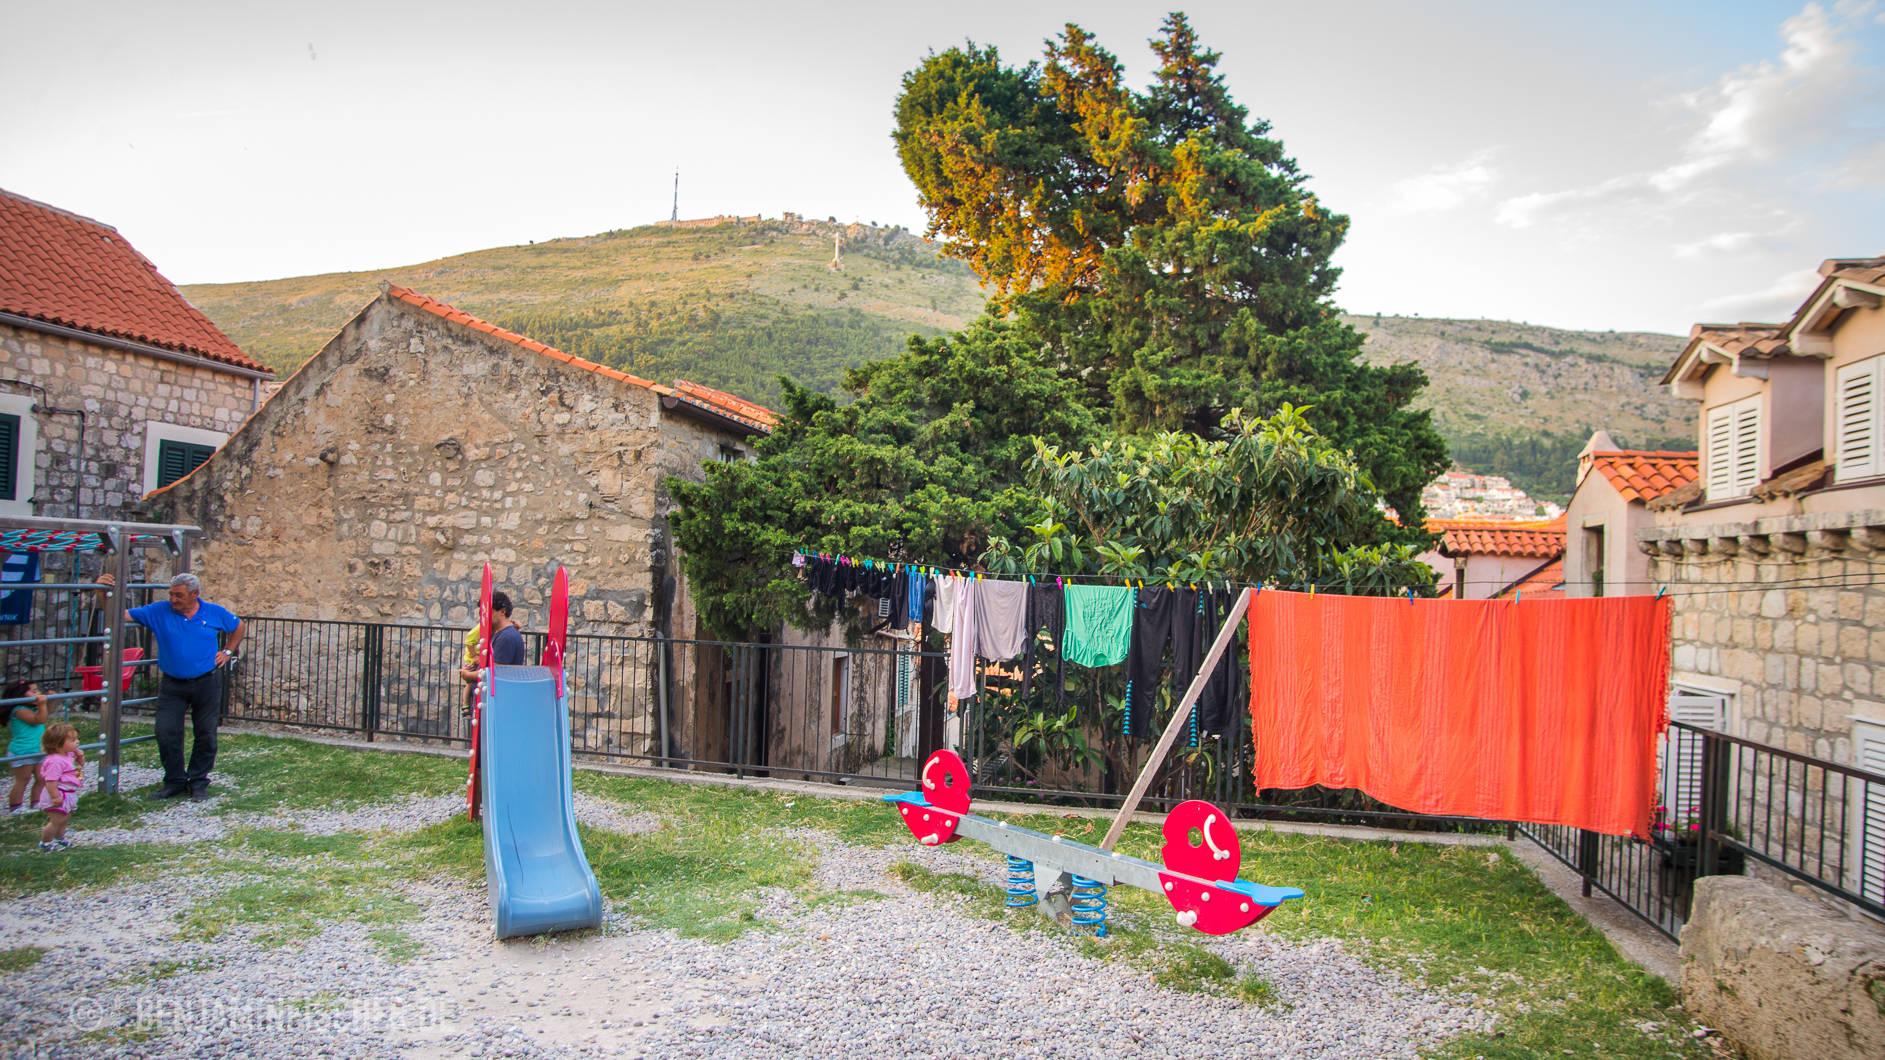 Auch auf dem Spielpatz hängt Wäsche